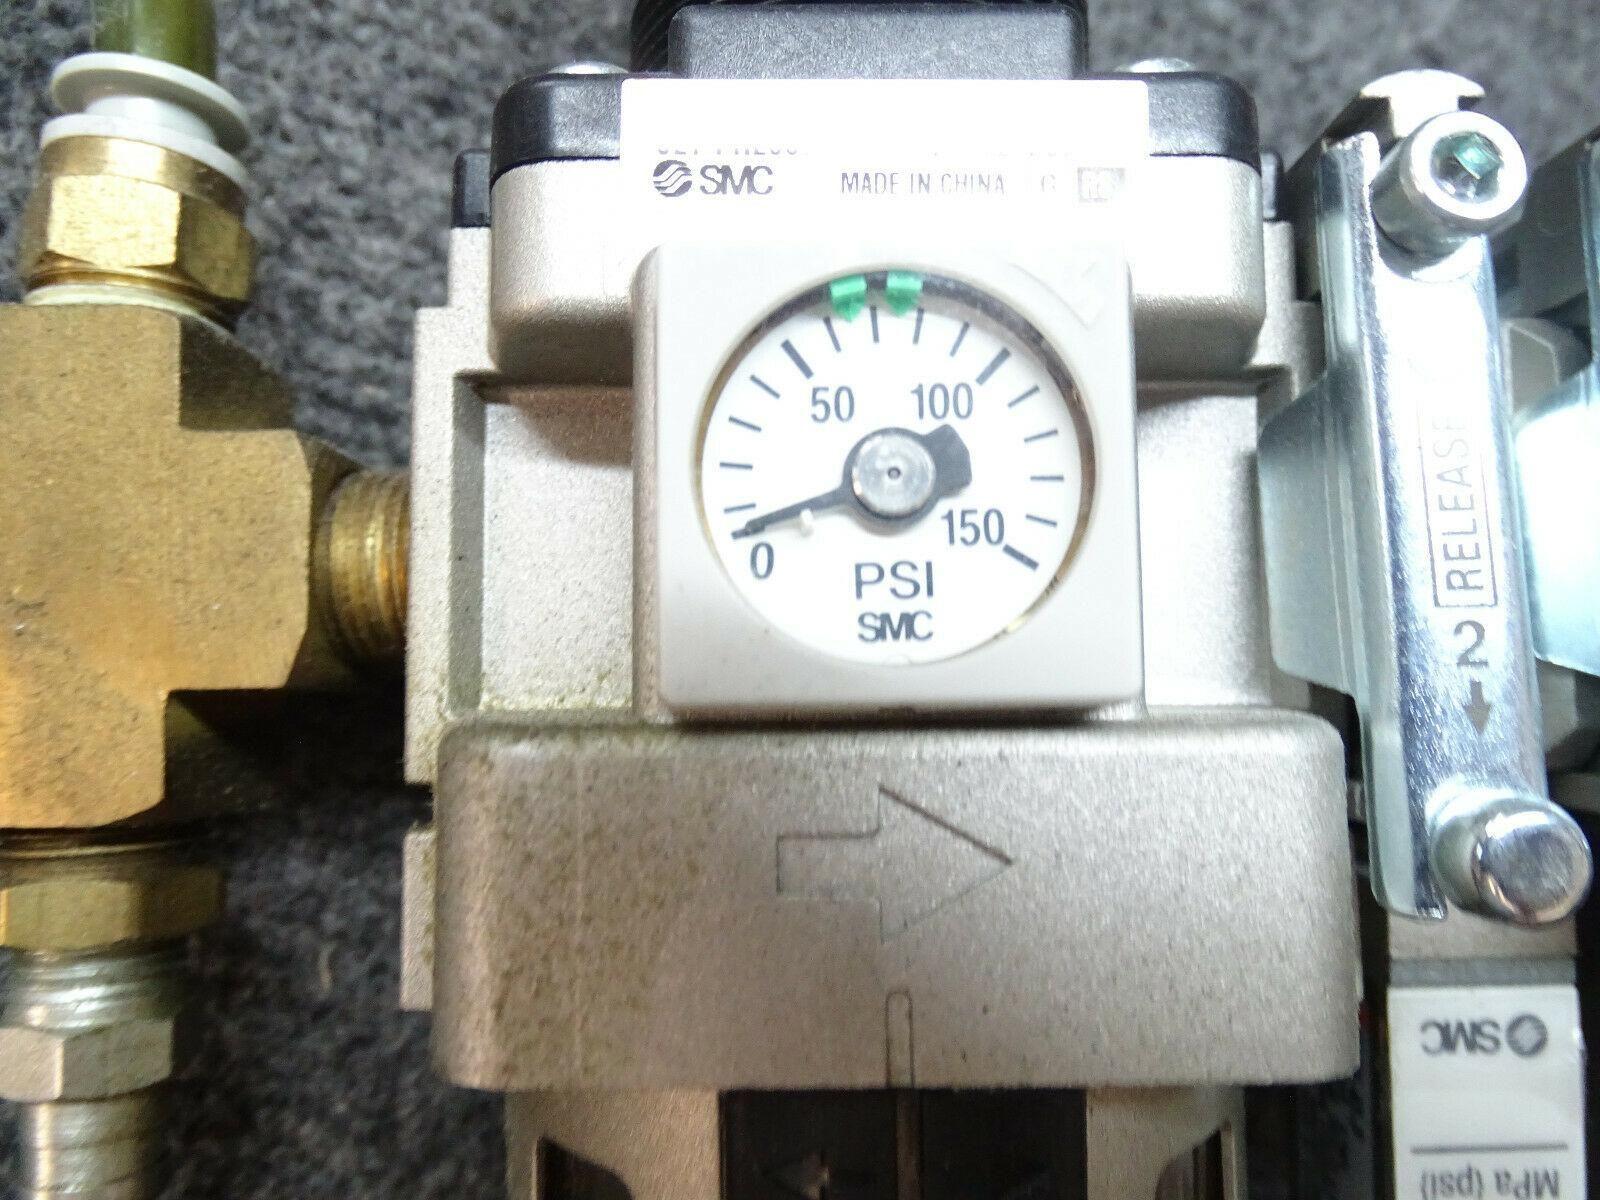 SMC AW40-N03E-Z Filter Regulator & SMC AWM40-N03-Z Mist Separator Assembly